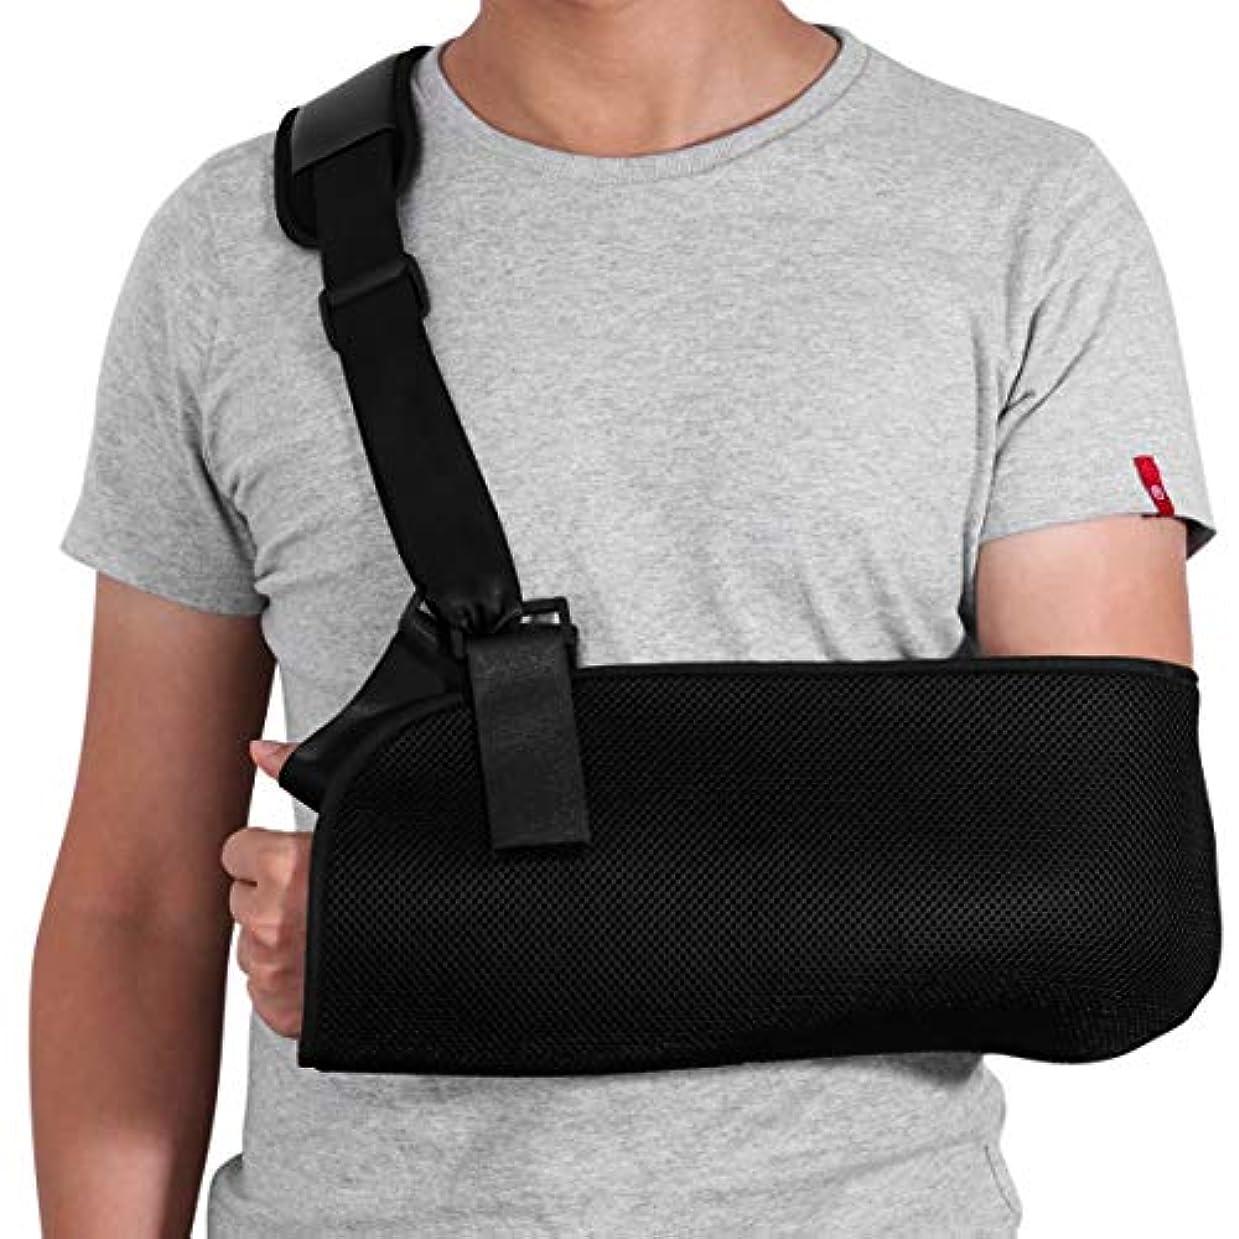 後ろに媒染剤伝染性Healifty アームスリングメディカルサポートストラップショルダーブレース肘サポート骨折した骨折した腕2ピース